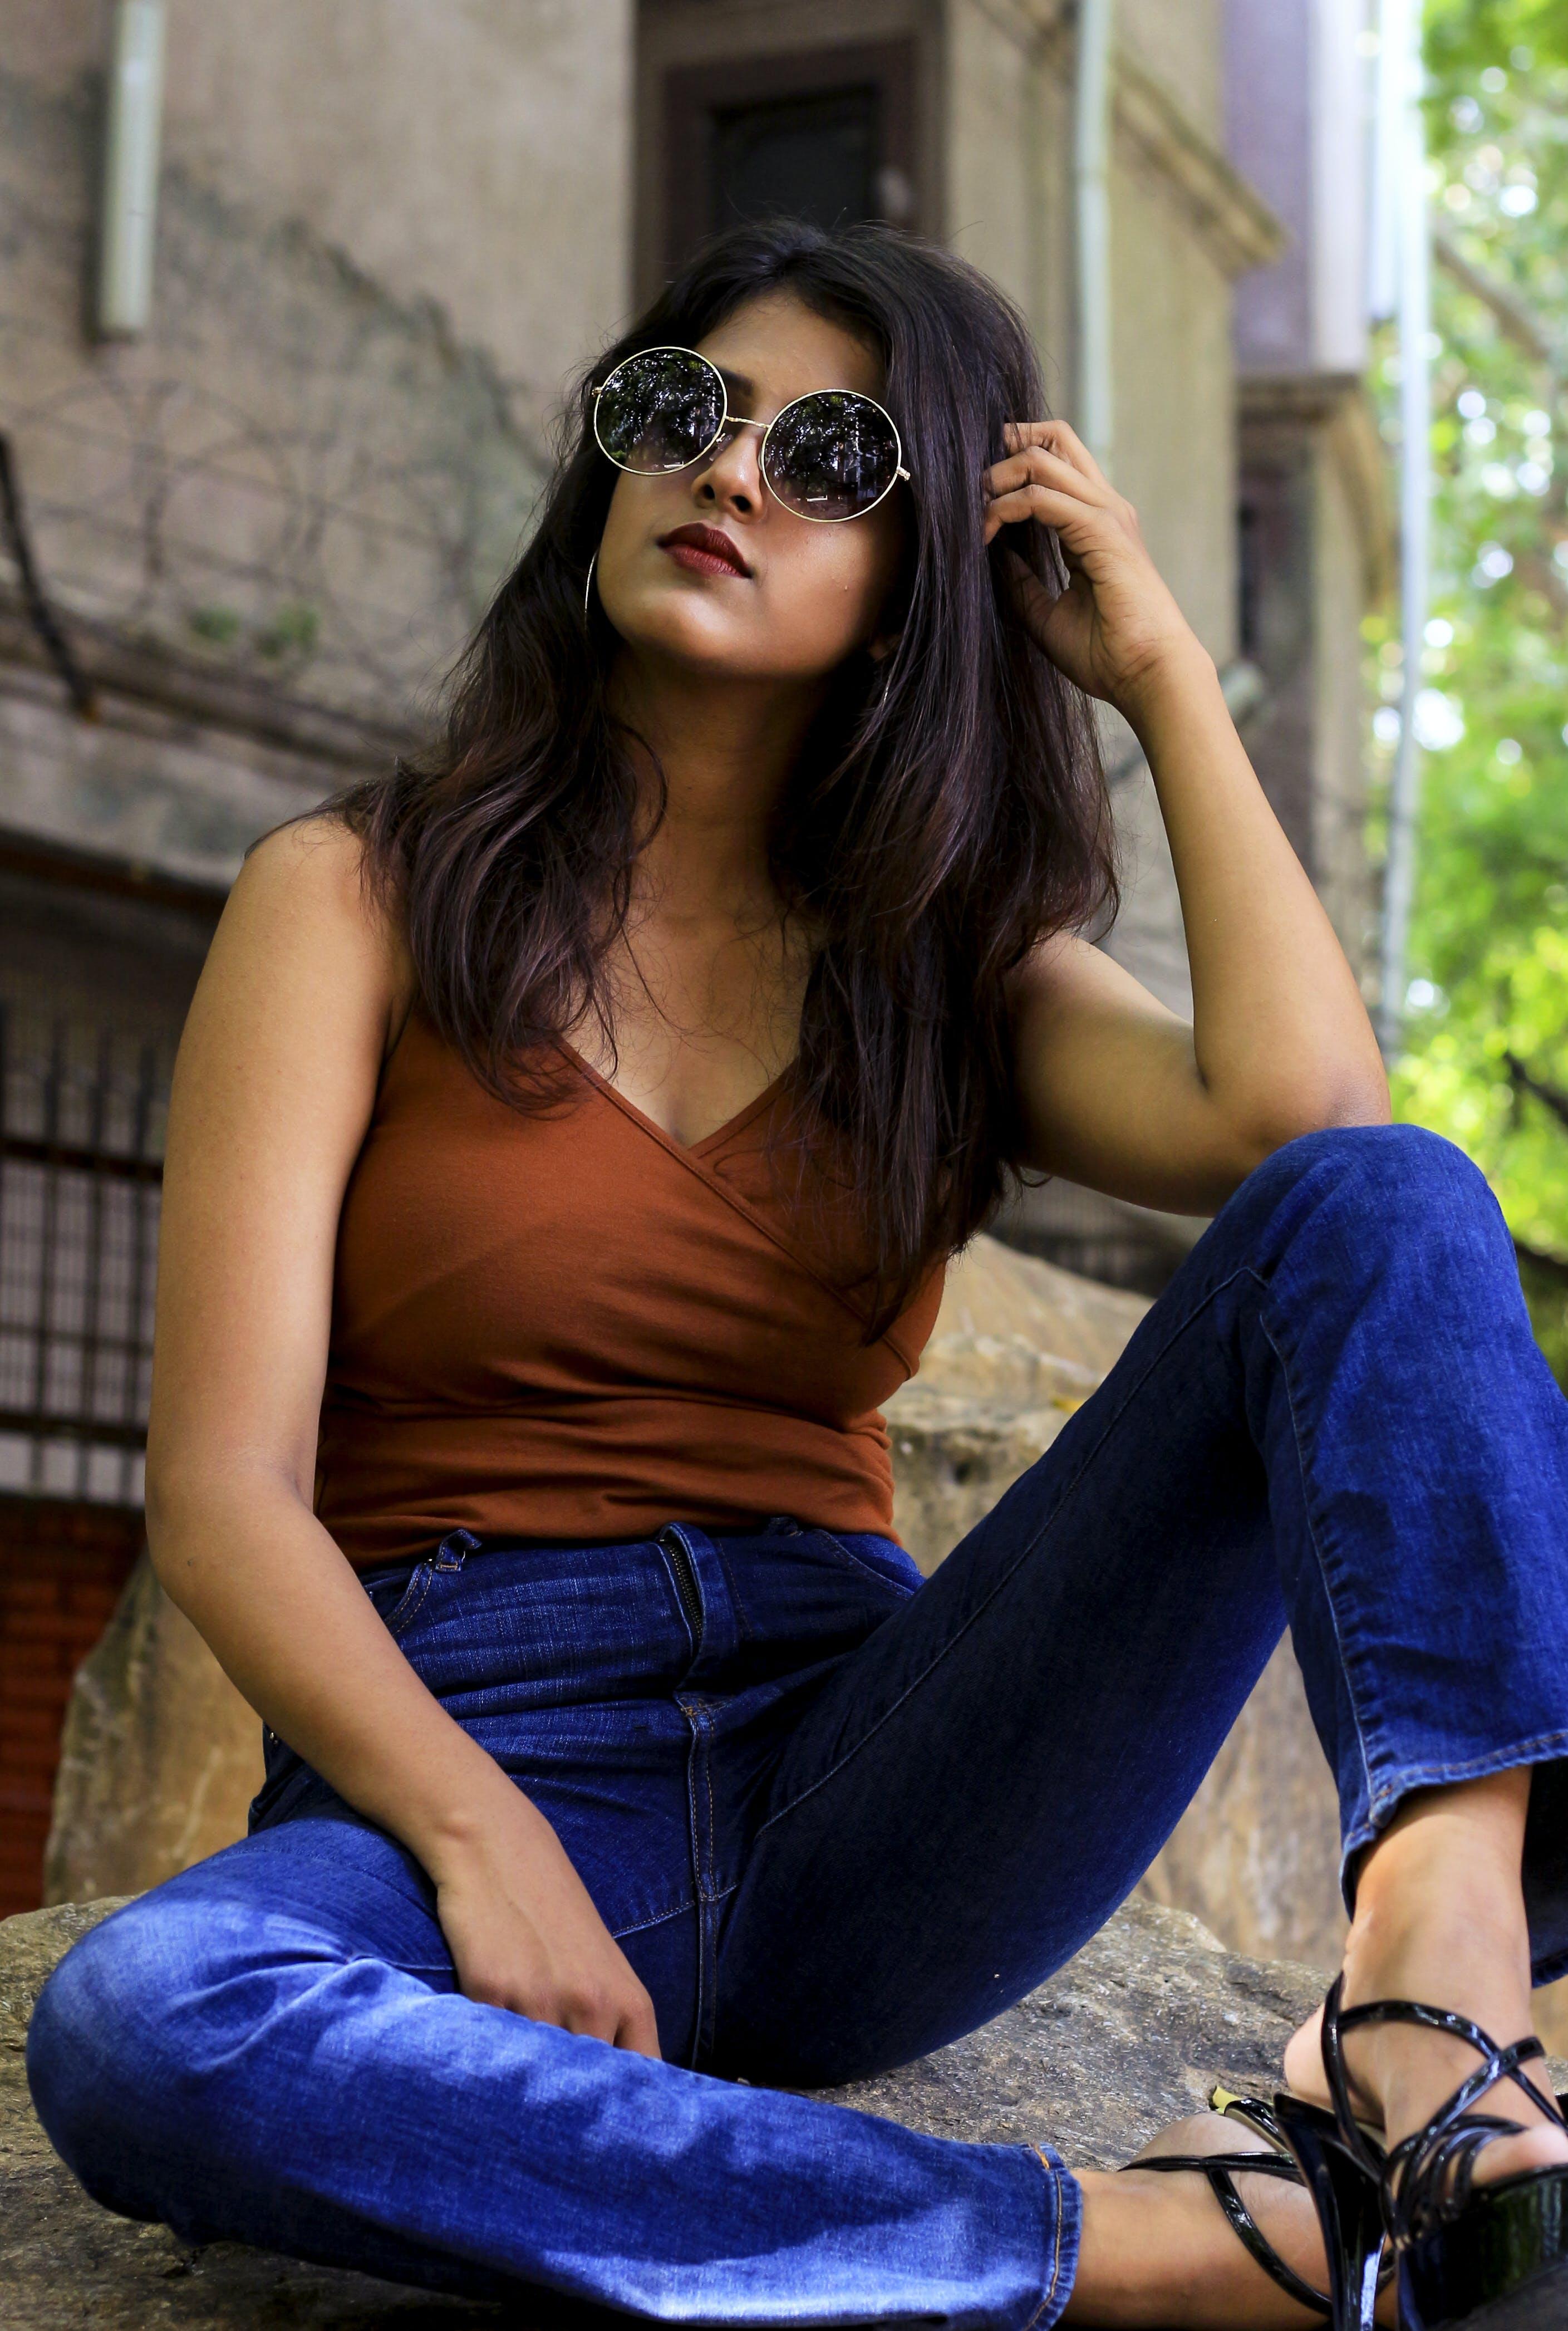 귀여운, 매력적인, 메이크업, 모델의 무료 스톡 사진